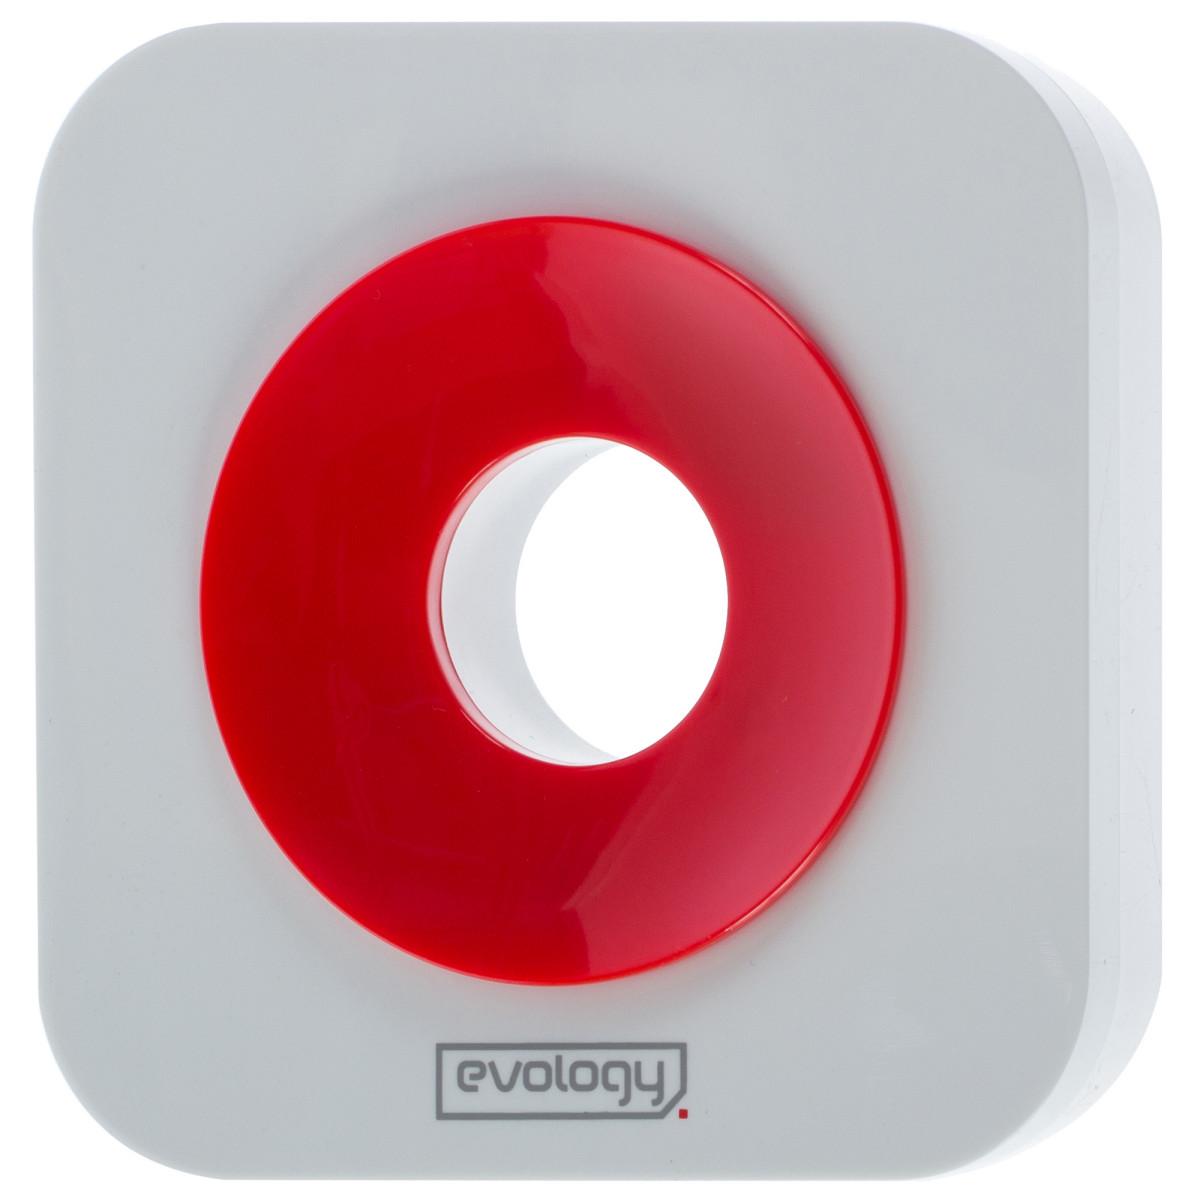 Звонок беспроводной Evology QH-858S-WR